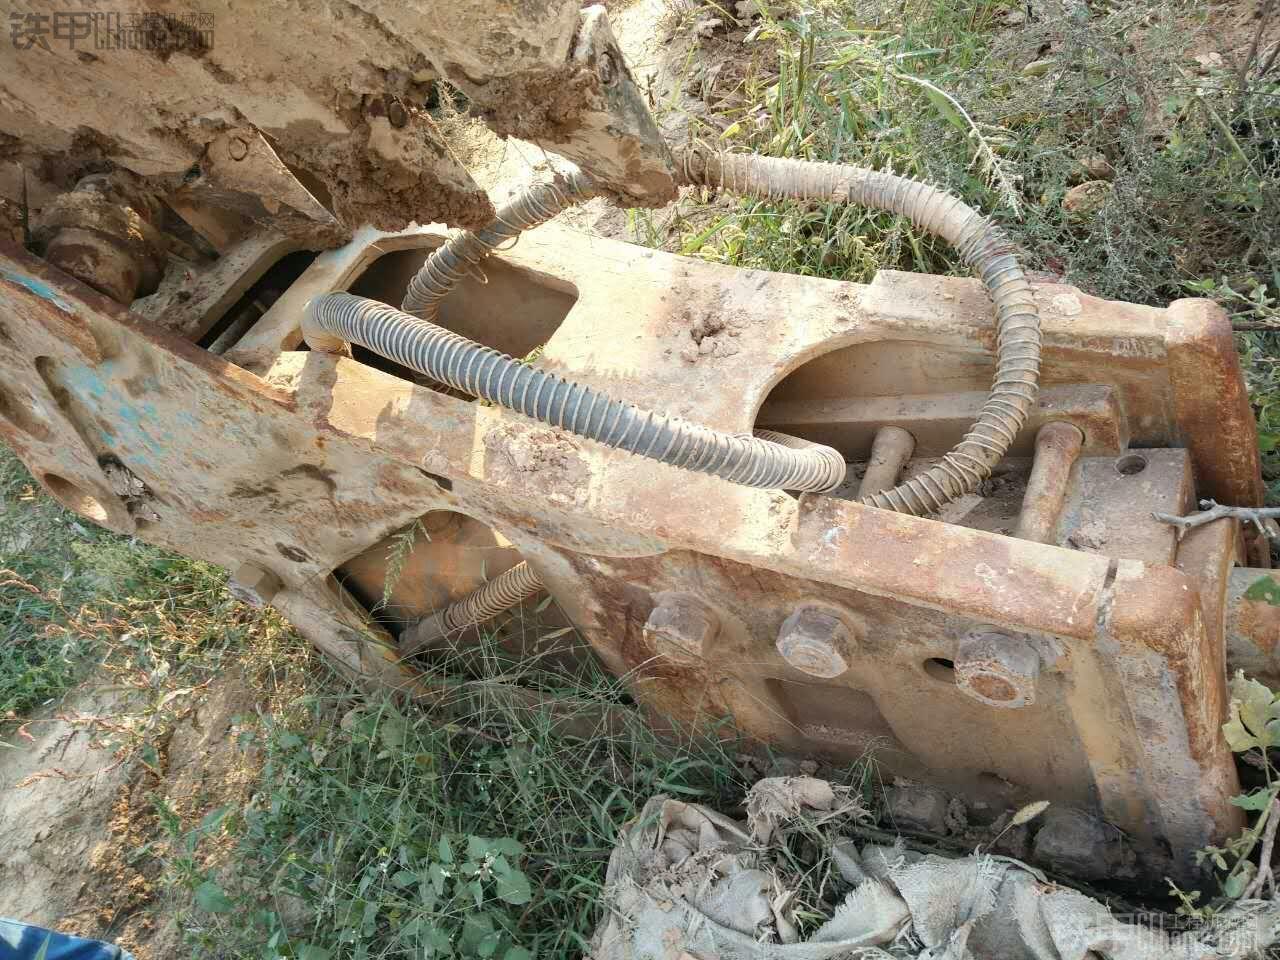 小松 PC220-8 二手挖掘机价格 24.5万 8000小时